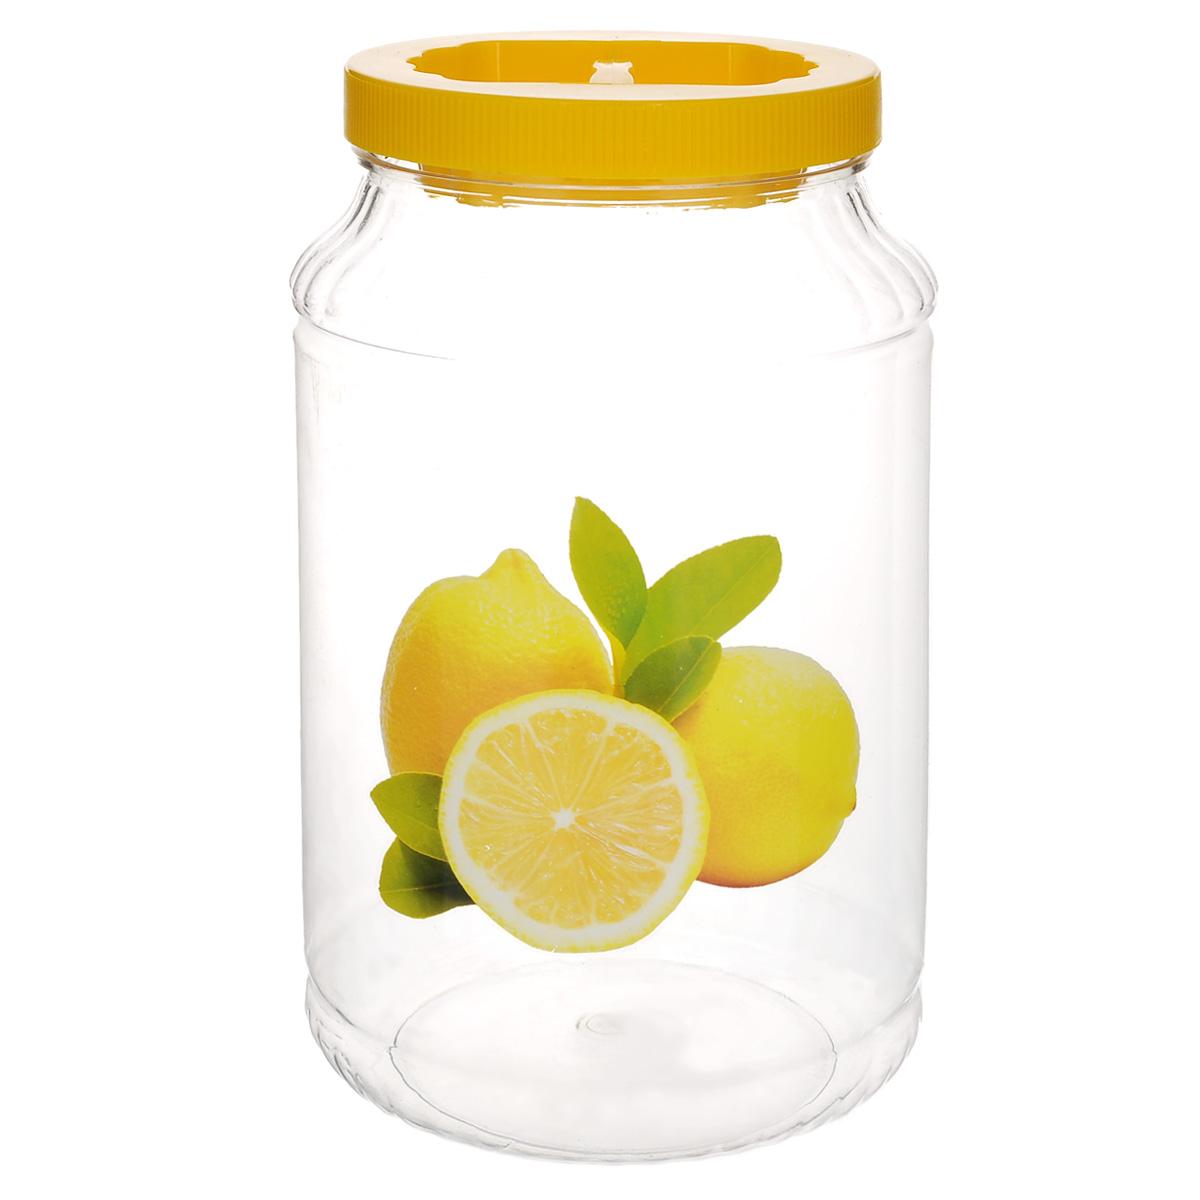 Емкость Альтернатива Лимон, цвет: желтый, 3 лМ1952Емкость Альтернатива Лимон предназначена для хранения сыпучих продуктов или жидкостей. Выполнена из высококачественного пластика. Оснащена ручкой для удобной переноски.